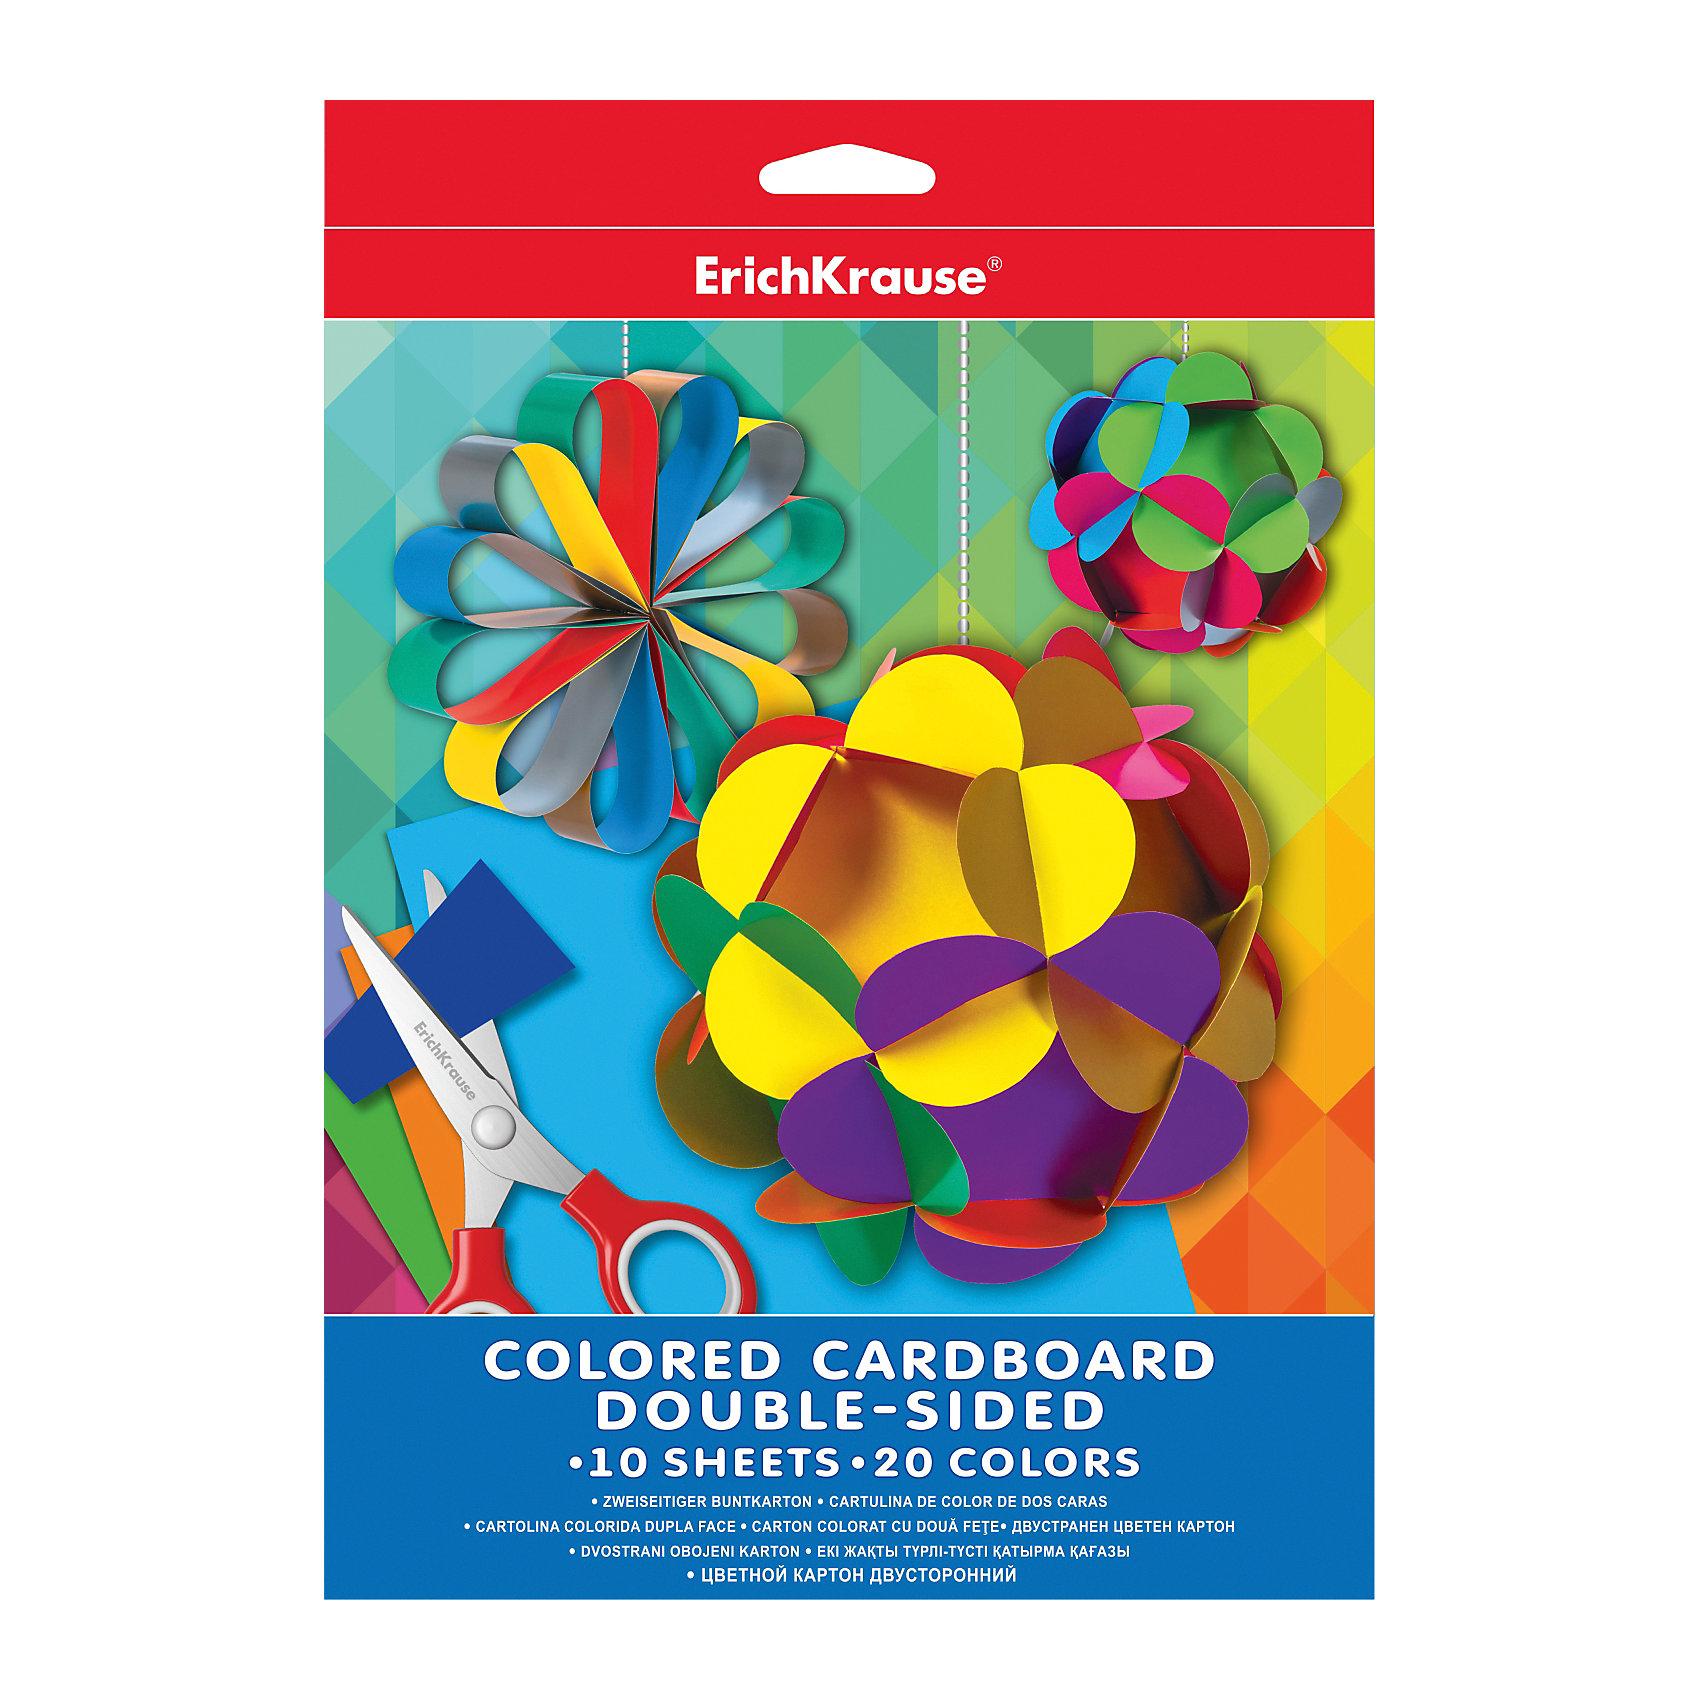 Двусторонний цветной картон А4 (10 листов, 20 цветов)Бумажная продукция<br>Цветной картон - неизменный атрибут детского творчества в садах, дома, в школе. Из него можно создать множество удивительных поделок, аппликаций, открыток. <br><br>Дополнительная информация:<br><br>- Материал: бумага, картон.<br>- Формат: А4.<br>- Количество листов: 20.<br>- Количество цветов: 10.<br><br>Двусторонний цветной картон А4 (10 листов, 20 цветов) можно купить в нашем магазине.<br><br>Ширина мм: 210<br>Глубина мм: 280<br>Высота мм: 5<br>Вес г: 169<br>Возраст от месяцев: 36<br>Возраст до месяцев: 108<br>Пол: Унисекс<br>Возраст: Детский<br>SKU: 4379663